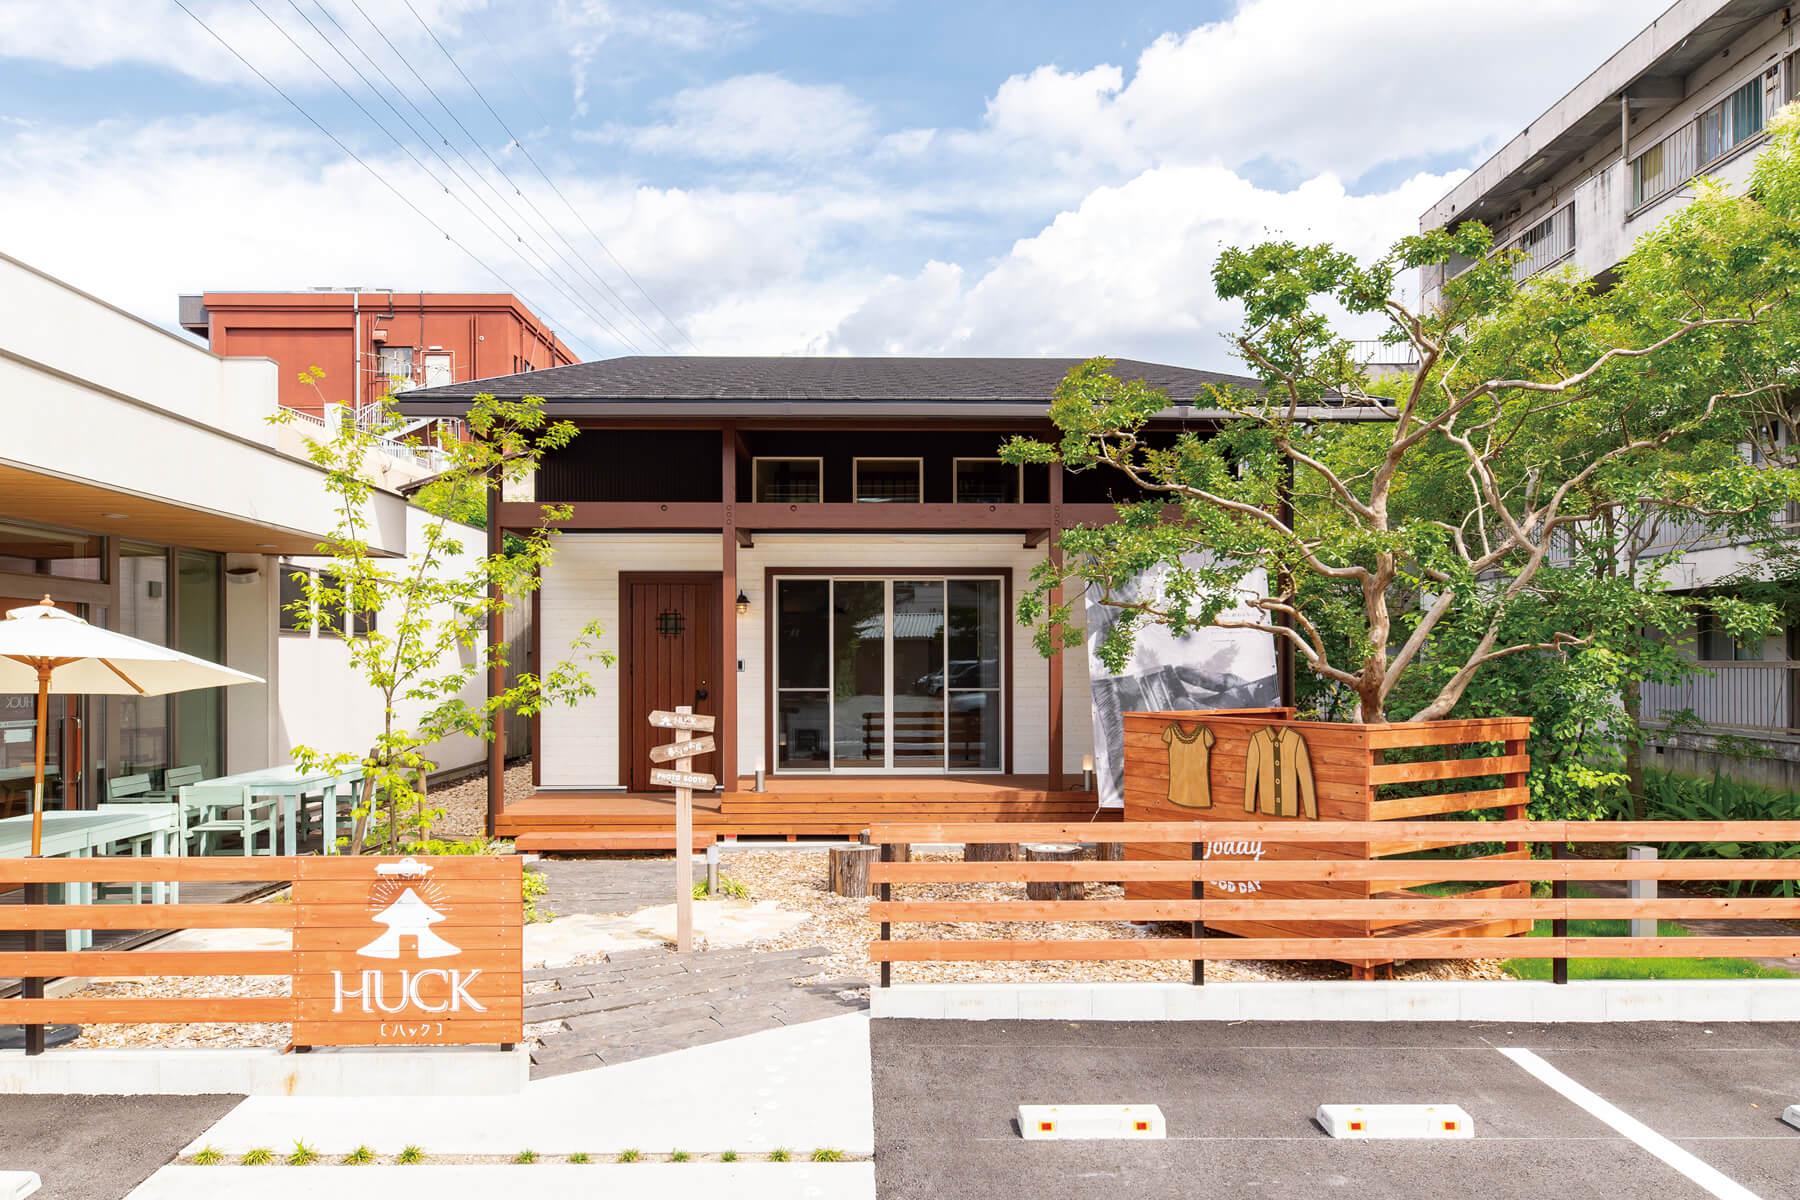 施工事例|安水建設|愛知県三河エリアの木造注文住宅・リフォームHUCKモデルハウス